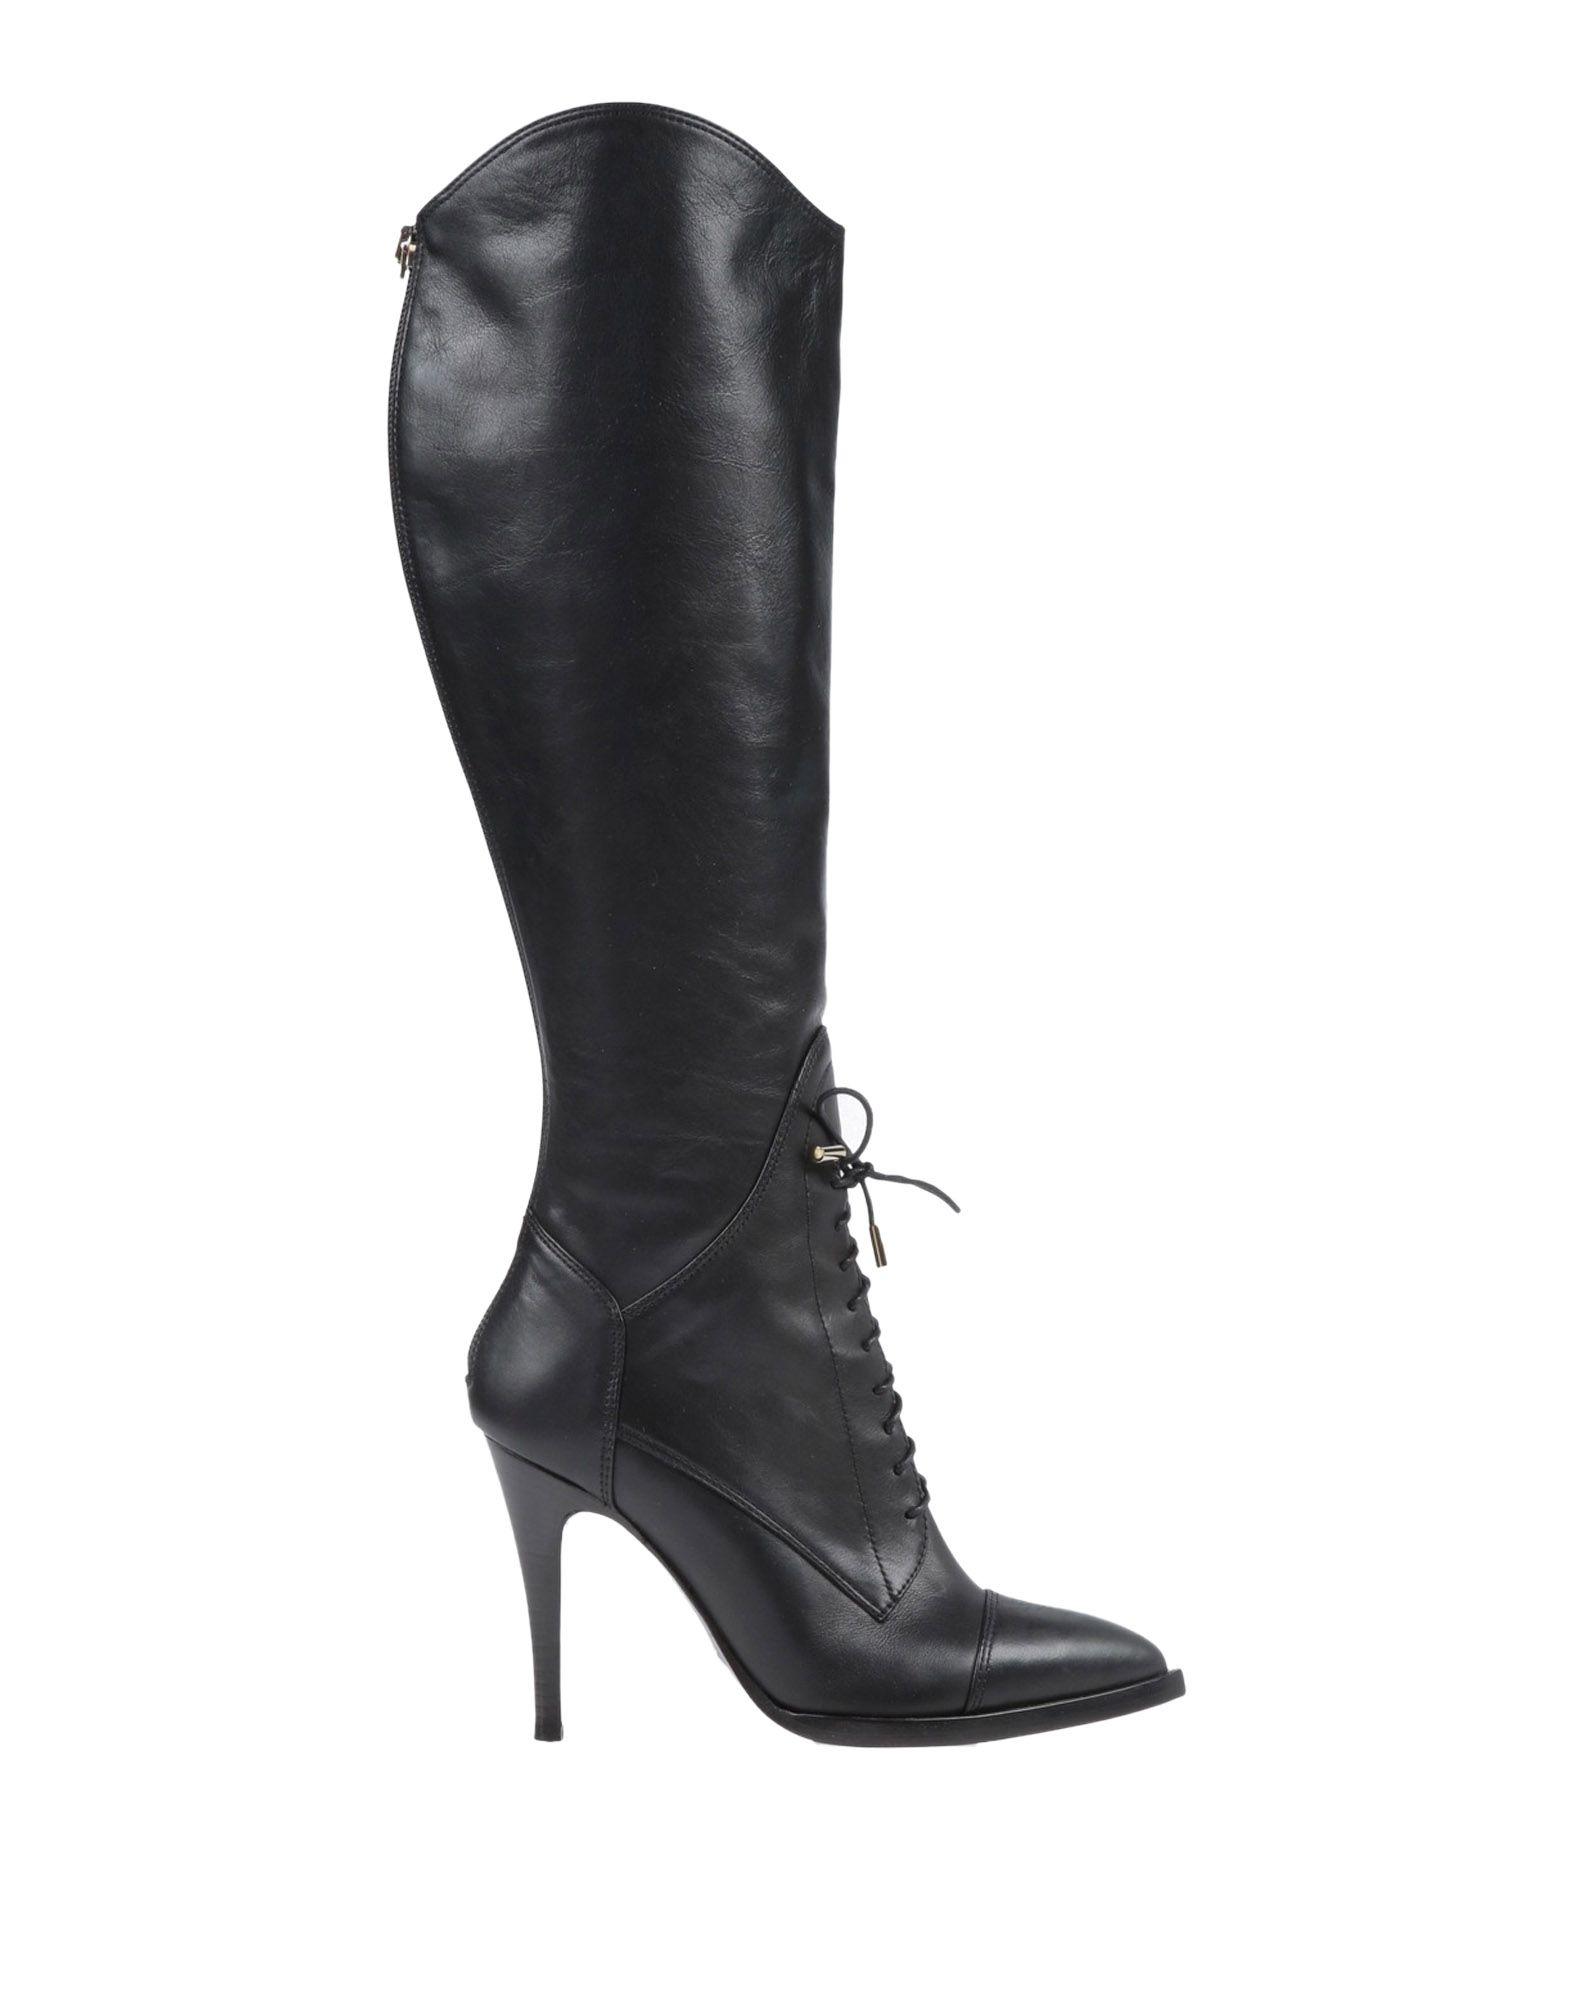 Billig-3460,Elisabetta Franchi es Stiefel Damen Gutes Preis-Leistungs-Verhältnis, es Franchi lohnt sich 9b5734